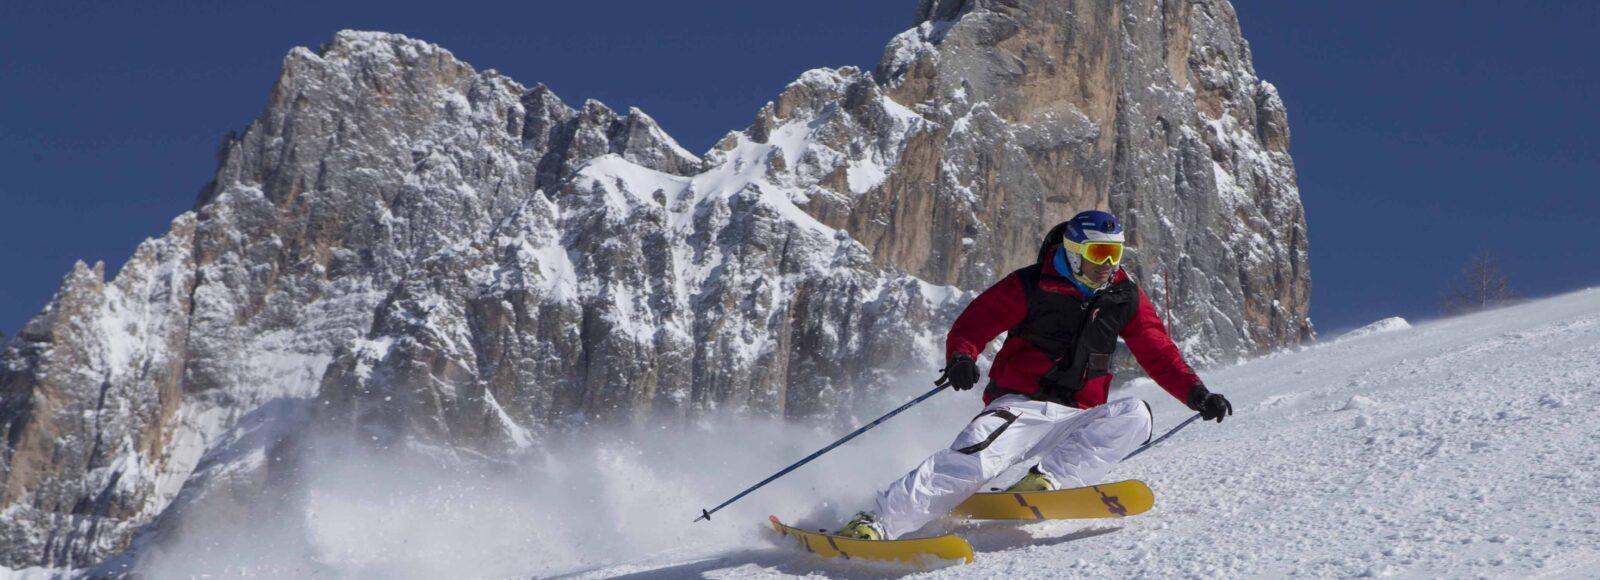 Sciare a Primiero San Martino di Castrozza - Trentino - foto di Marco Trovati